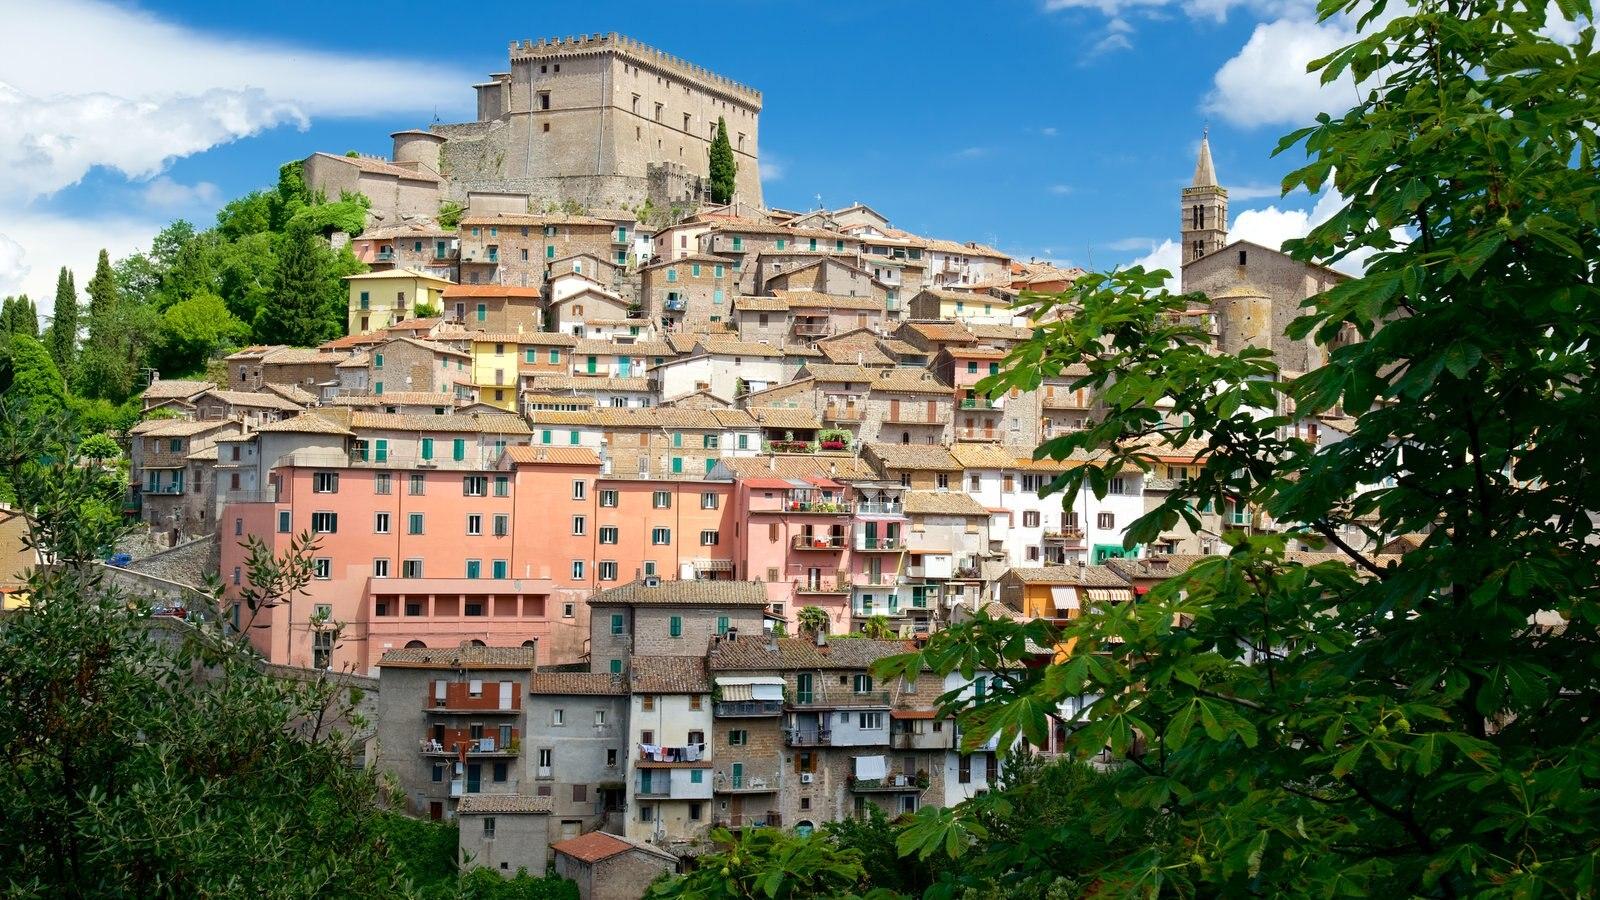 Soriano nel Cimino caracterizando arquitetura de patrimônio e uma cidade